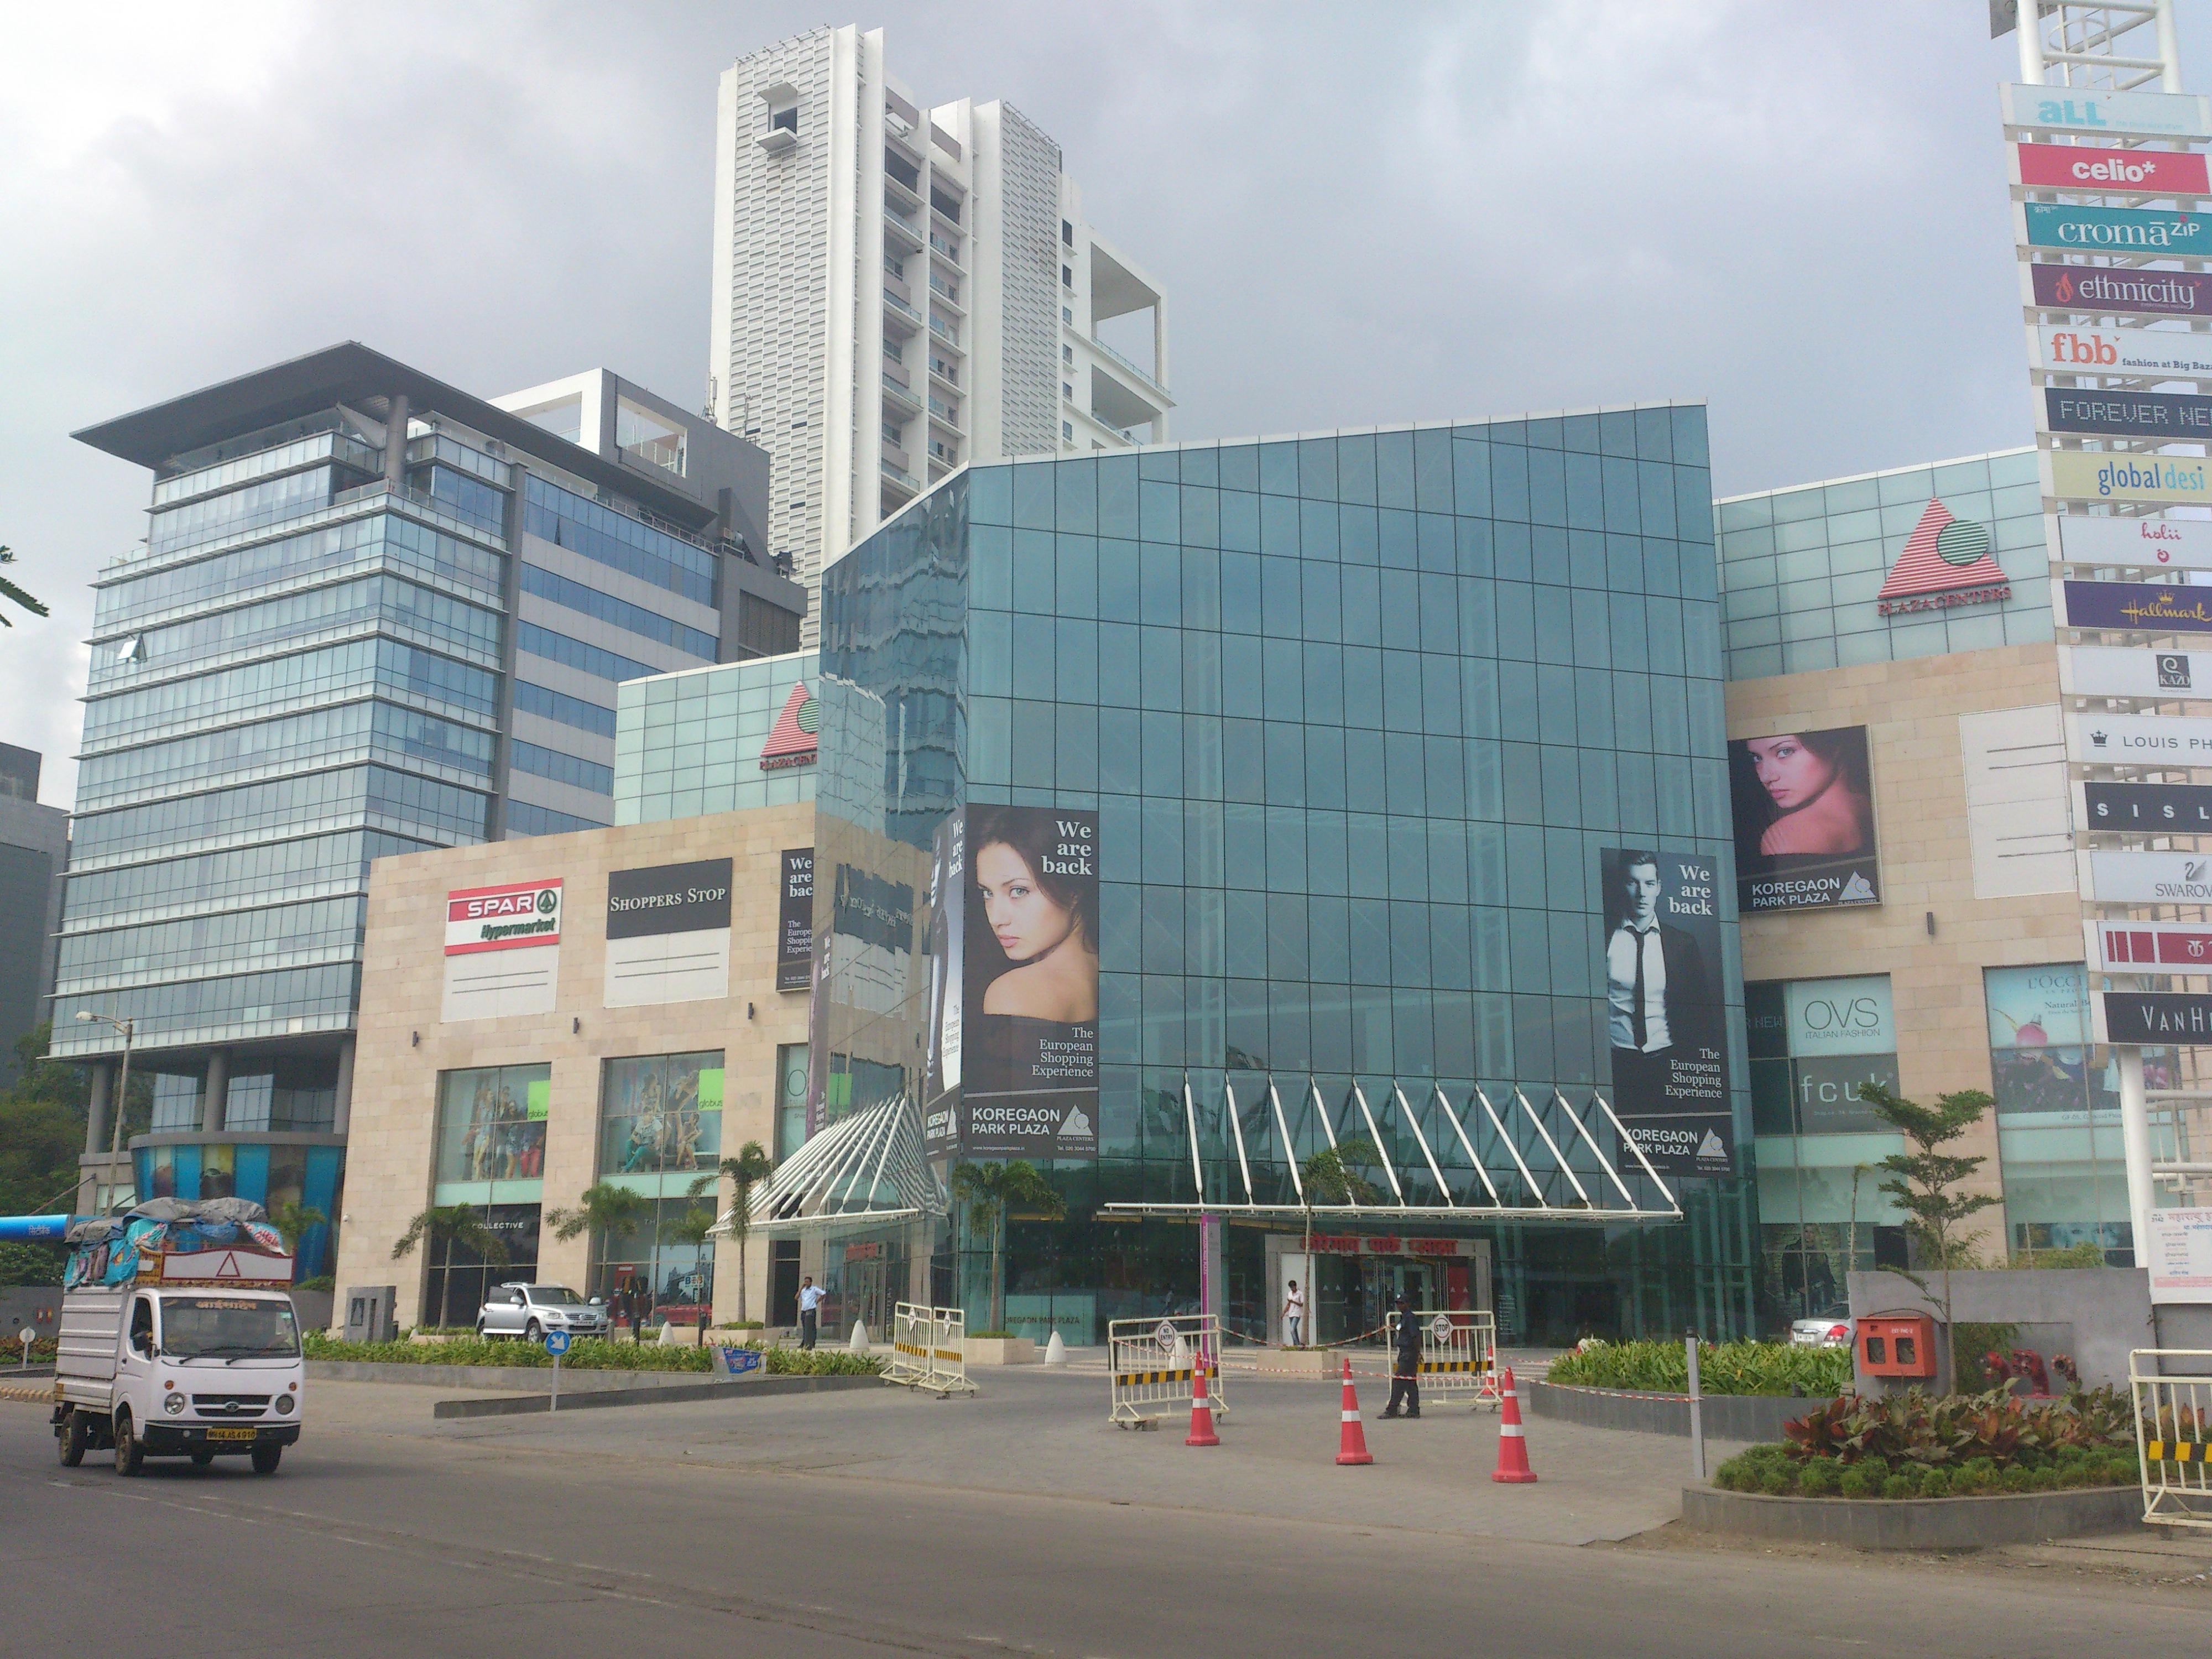 Koregaon Park Plaza - Pune Image